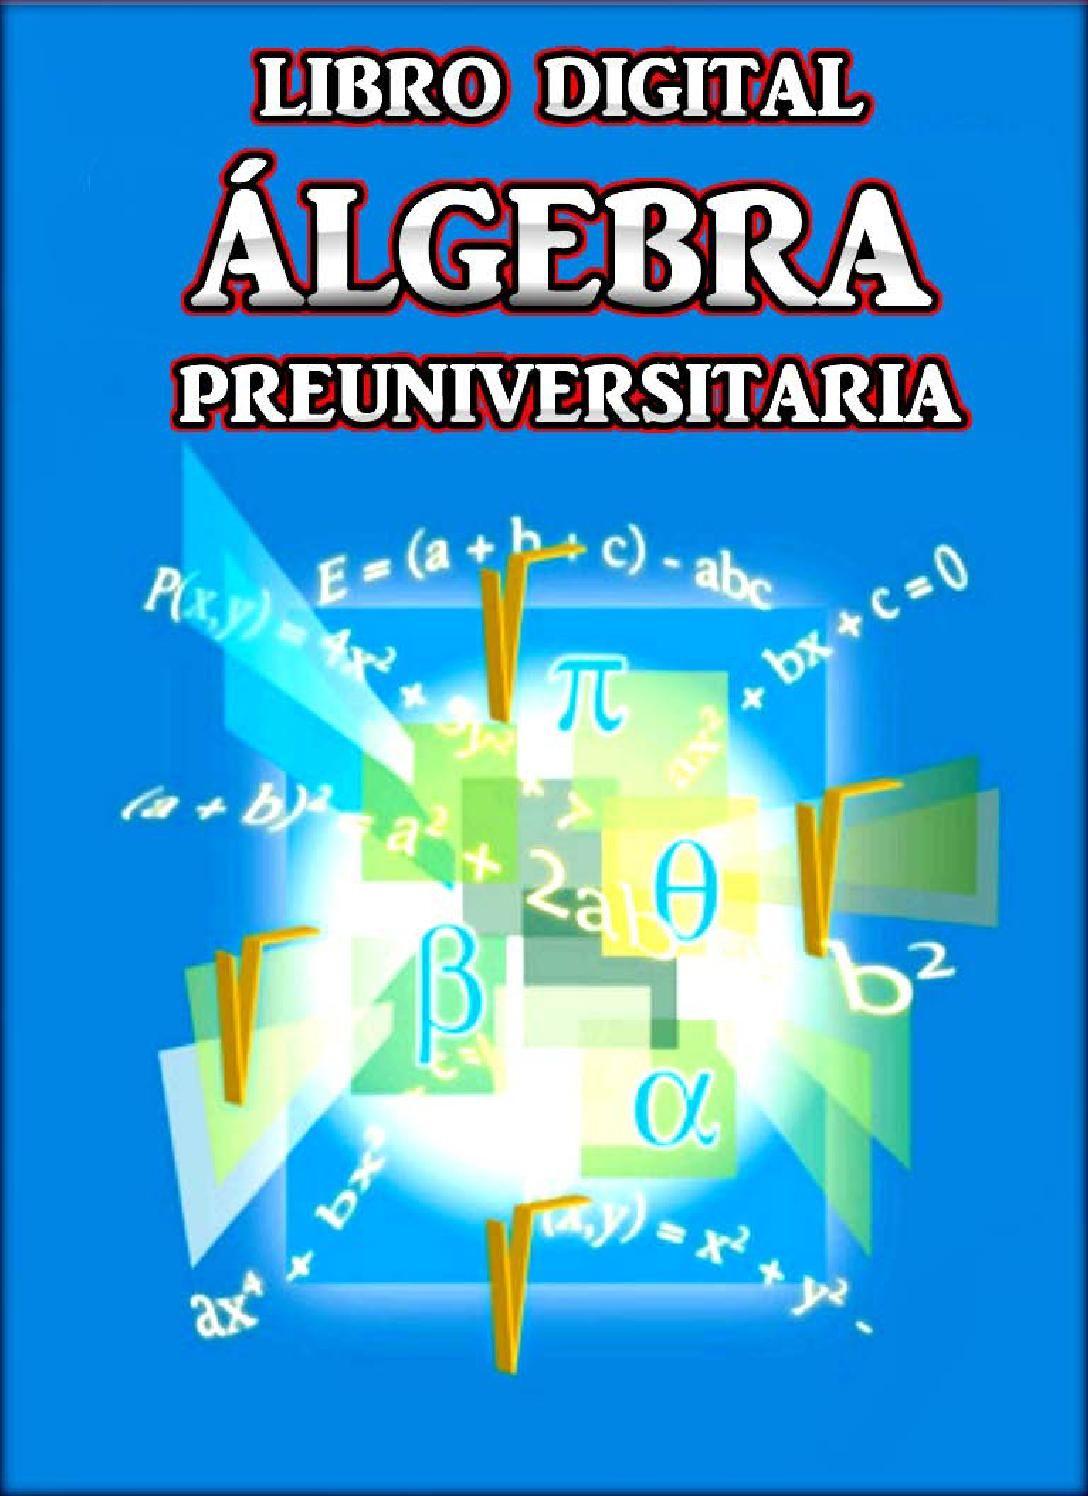 Libro Digital Algebra Preuniversitaria Libros De Matematicas